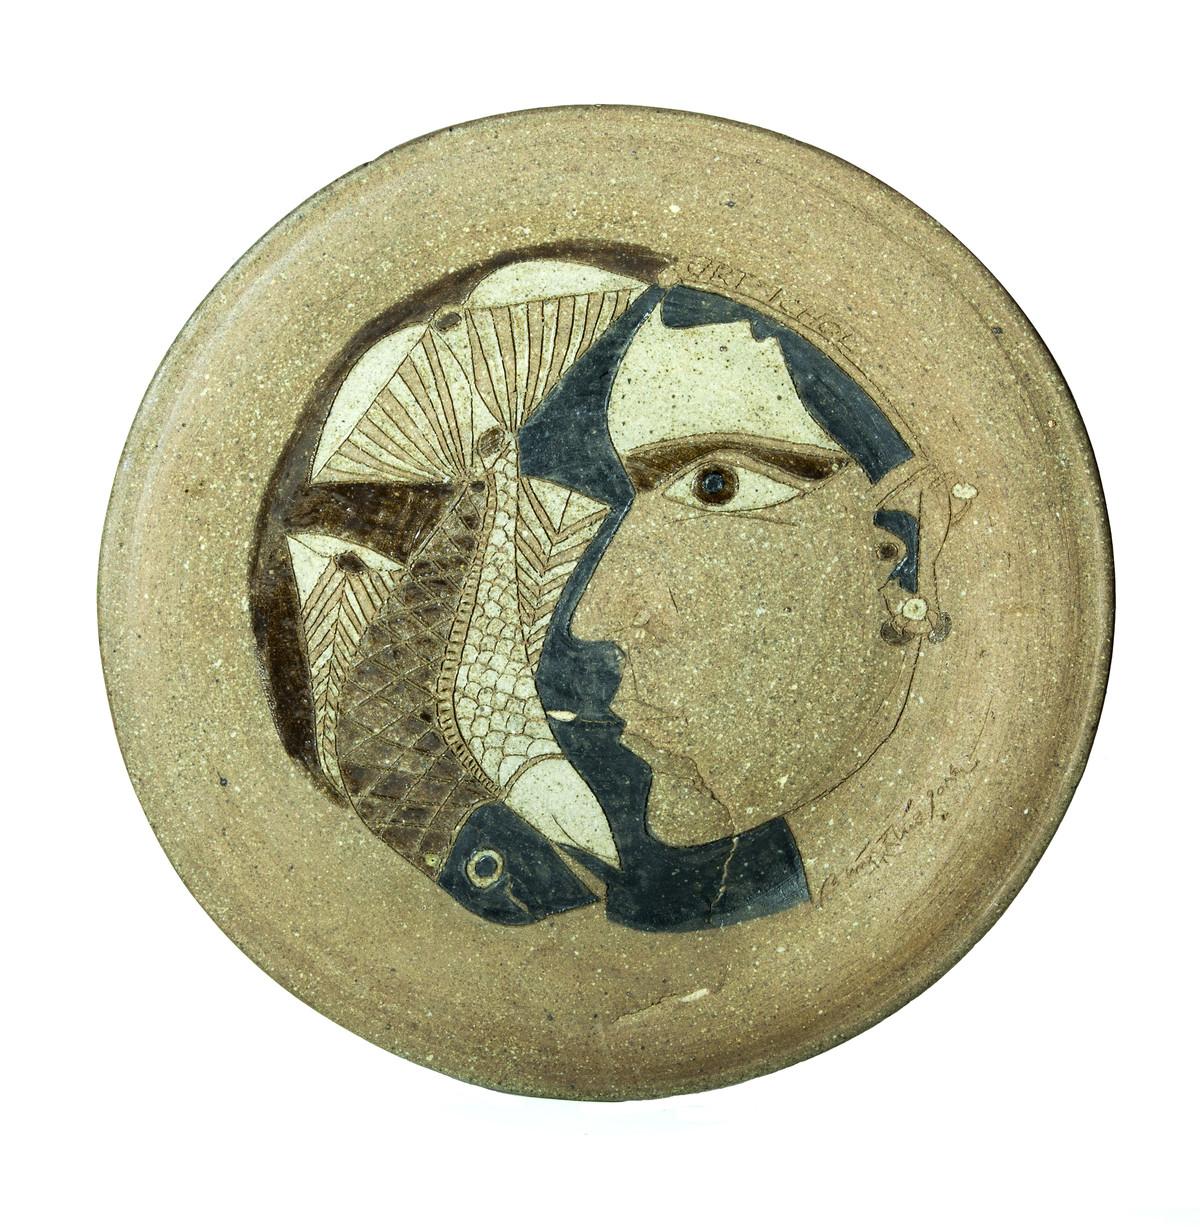 Platter-4 by Laxma Goud, Decorative Sculpture | 3D, Ceramic, Beige color